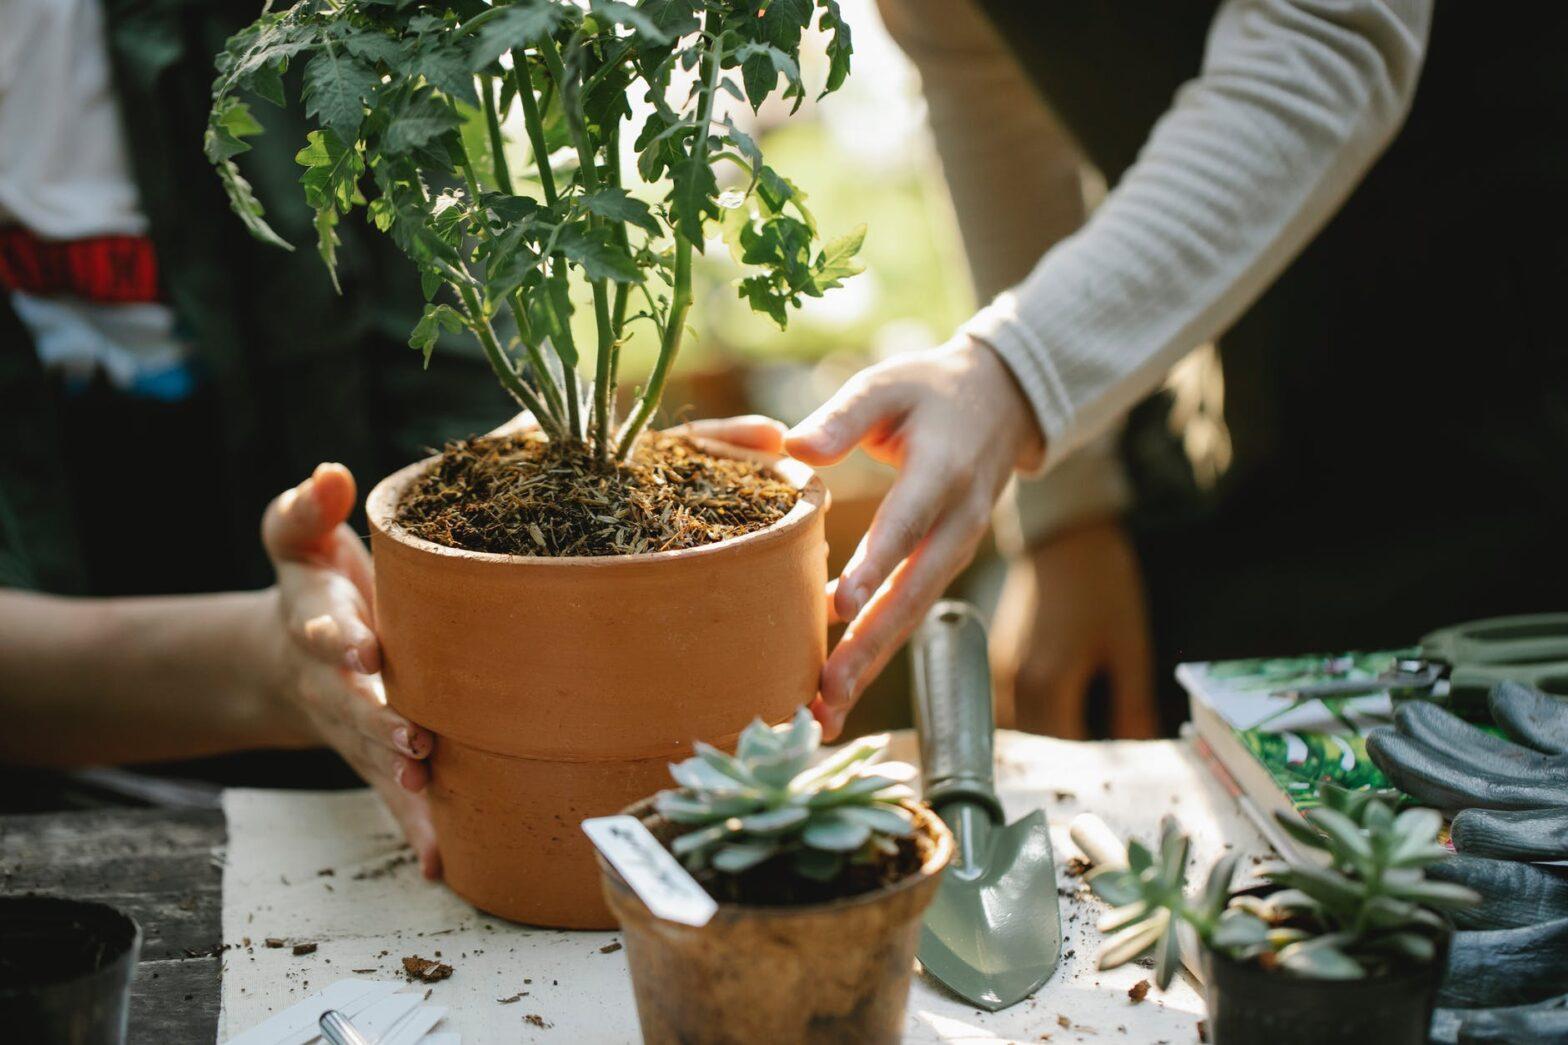 organic seeds for gardening